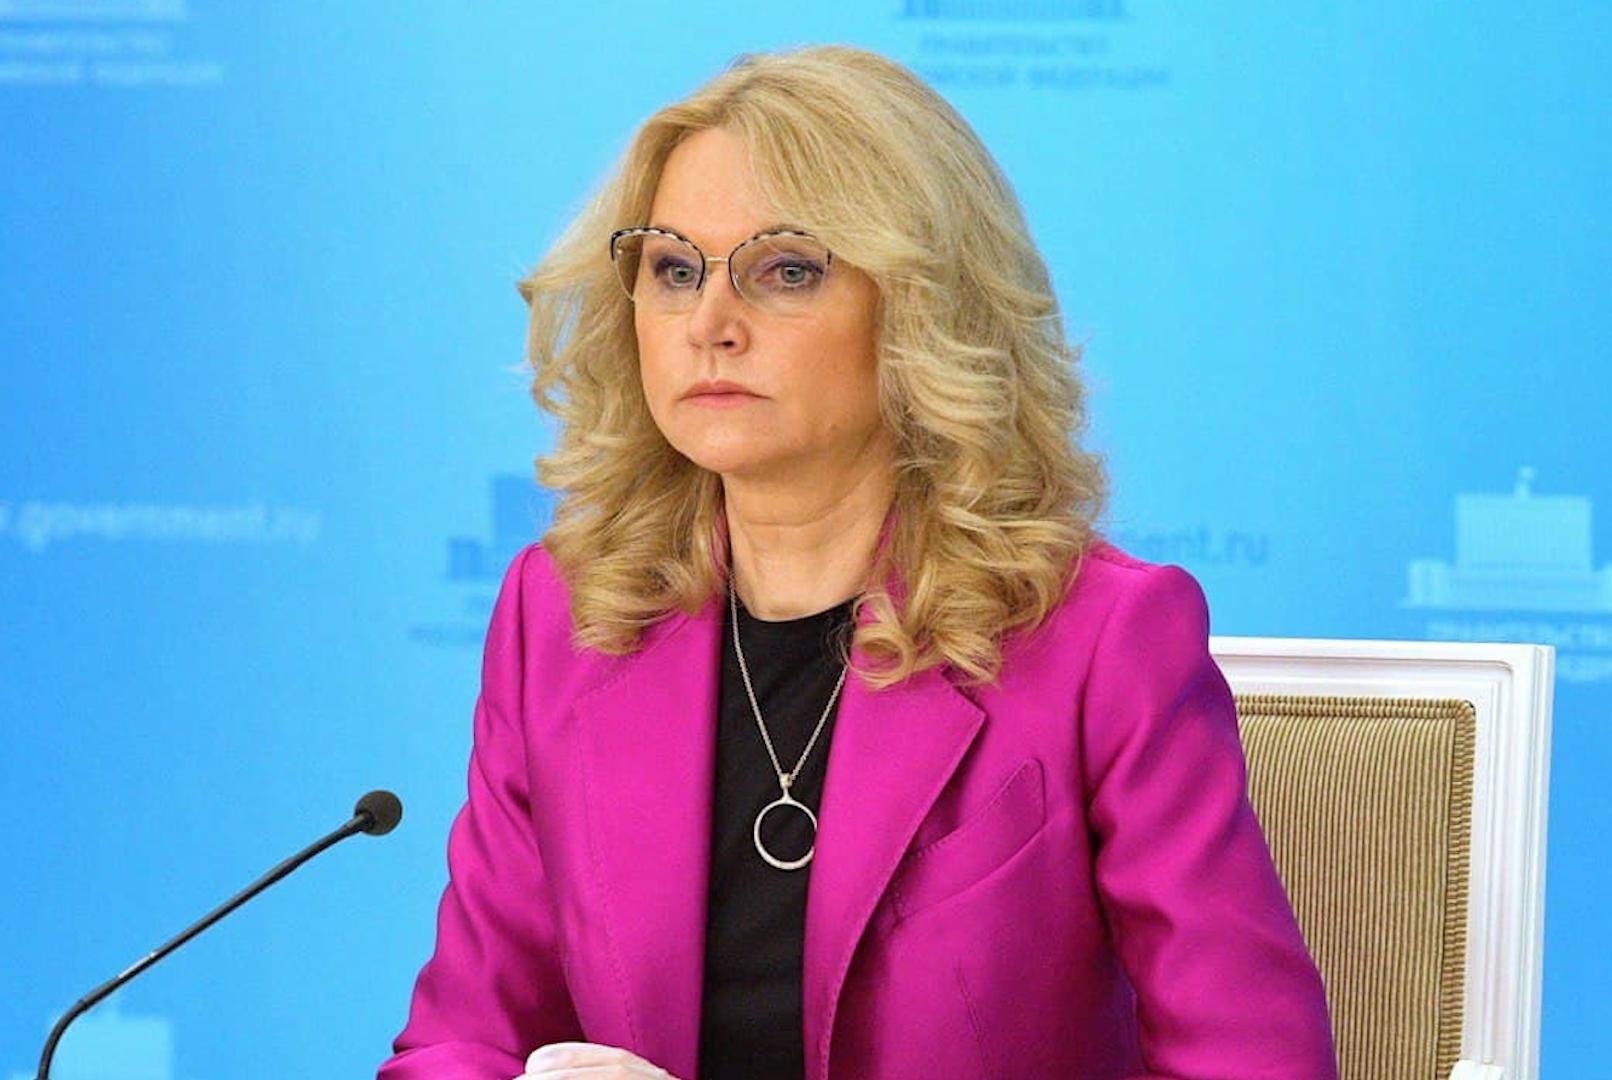 Заместитель председателя правительства РФ по вопросам социальной политики Татьяна Голикова